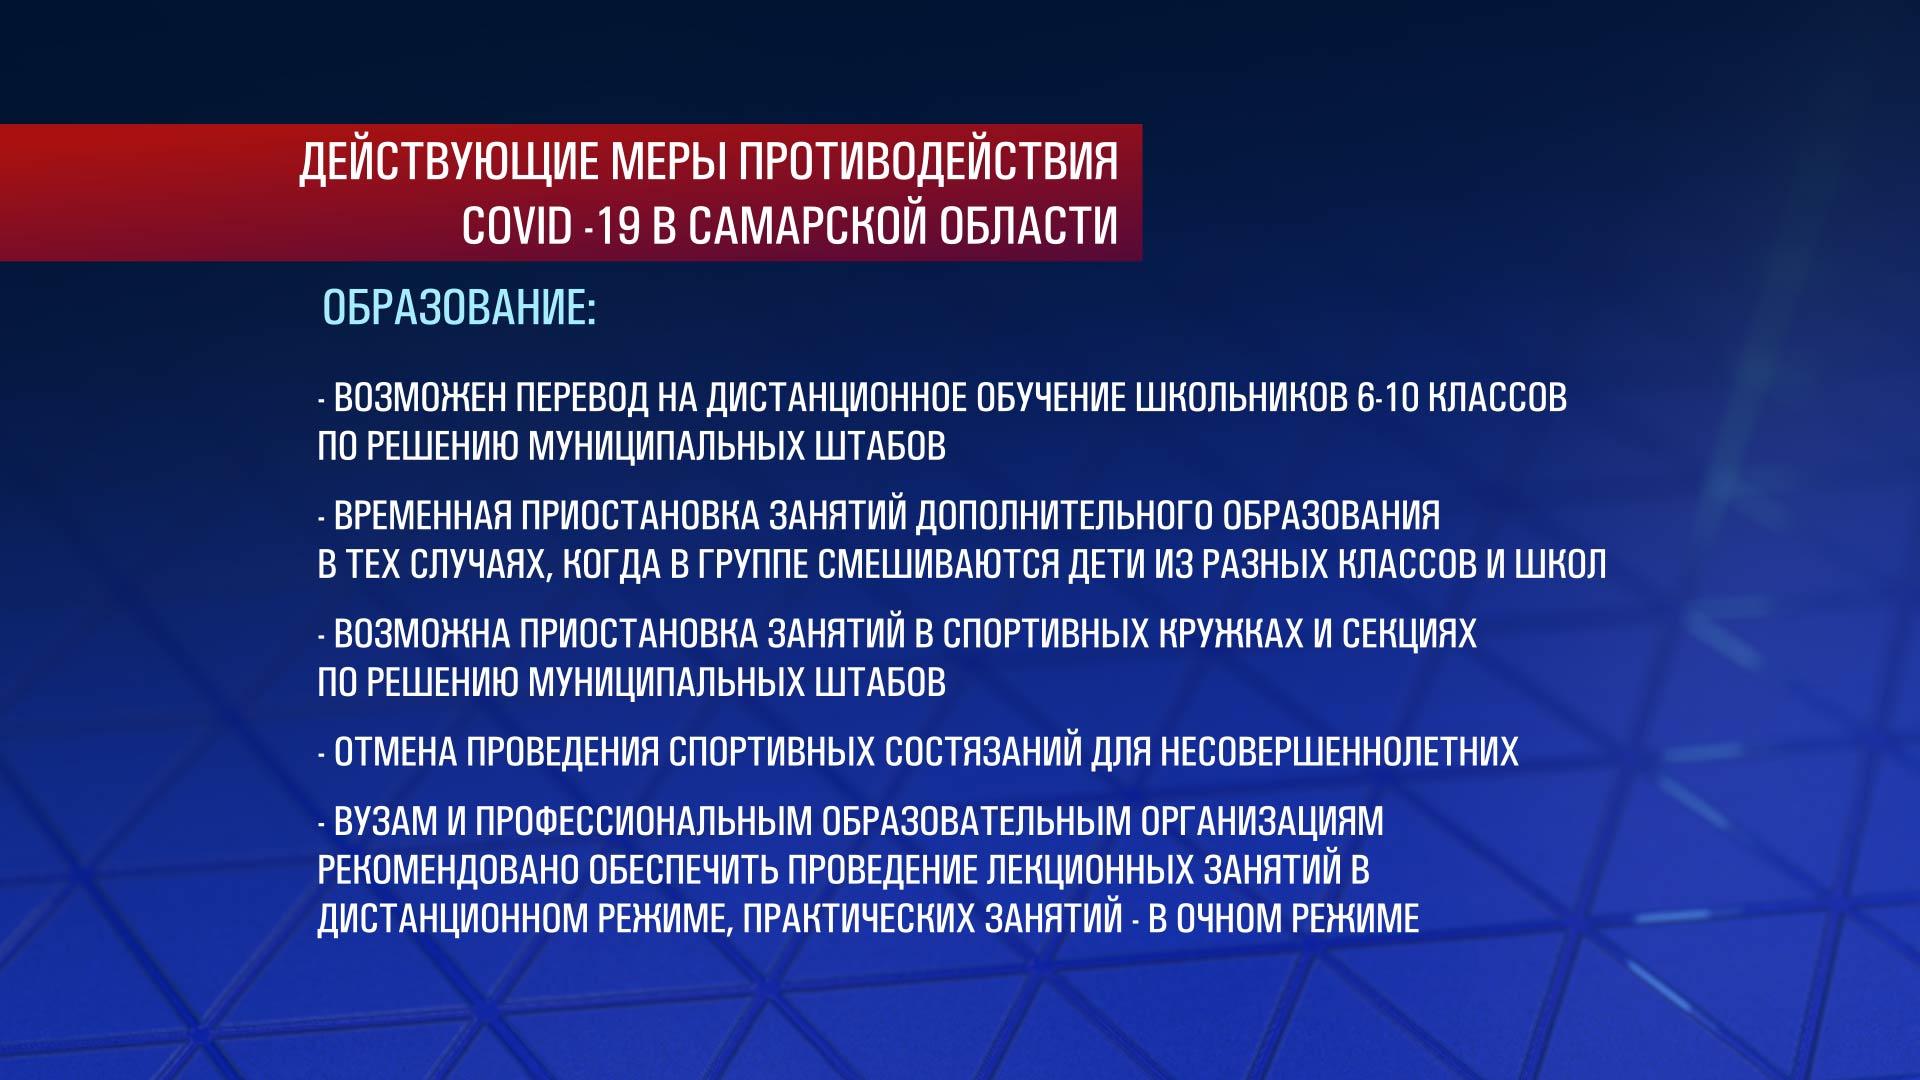 Главная тема: Дмитрий Азаров рассказал, как будет организован образовательный процесс в условиях пандемии коронавируса